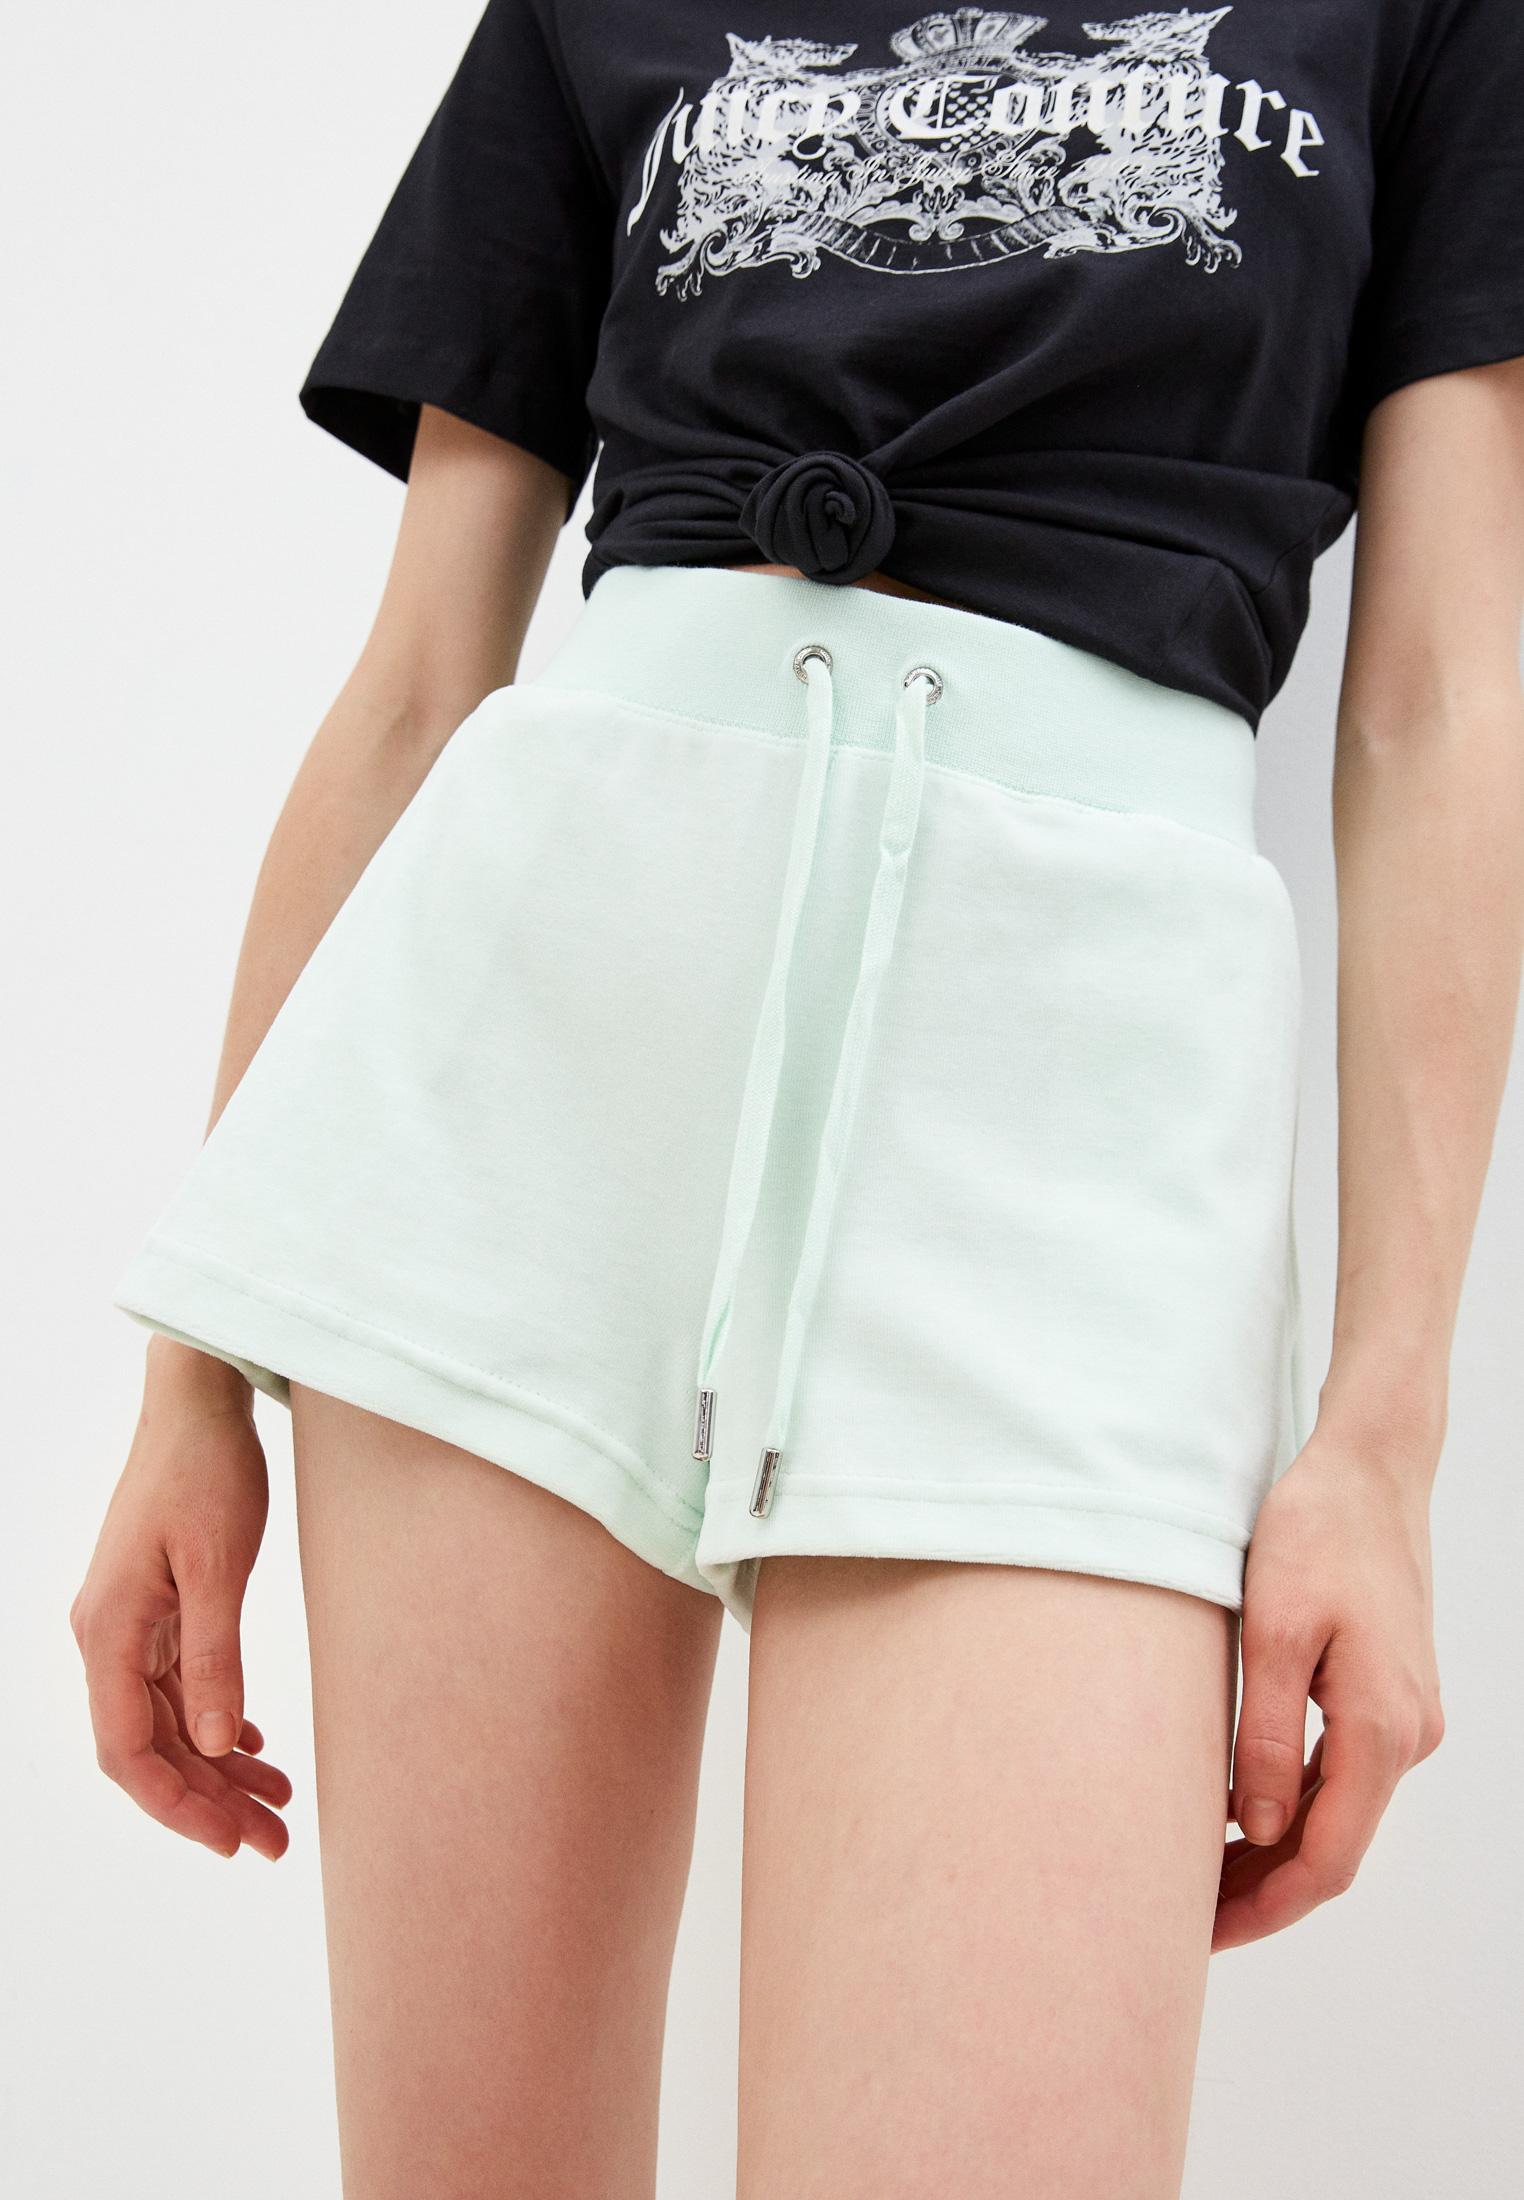 Женские повседневные шорты Juicy Couture (Джуси Кутюр) Шорты спортивные Juicy Couture